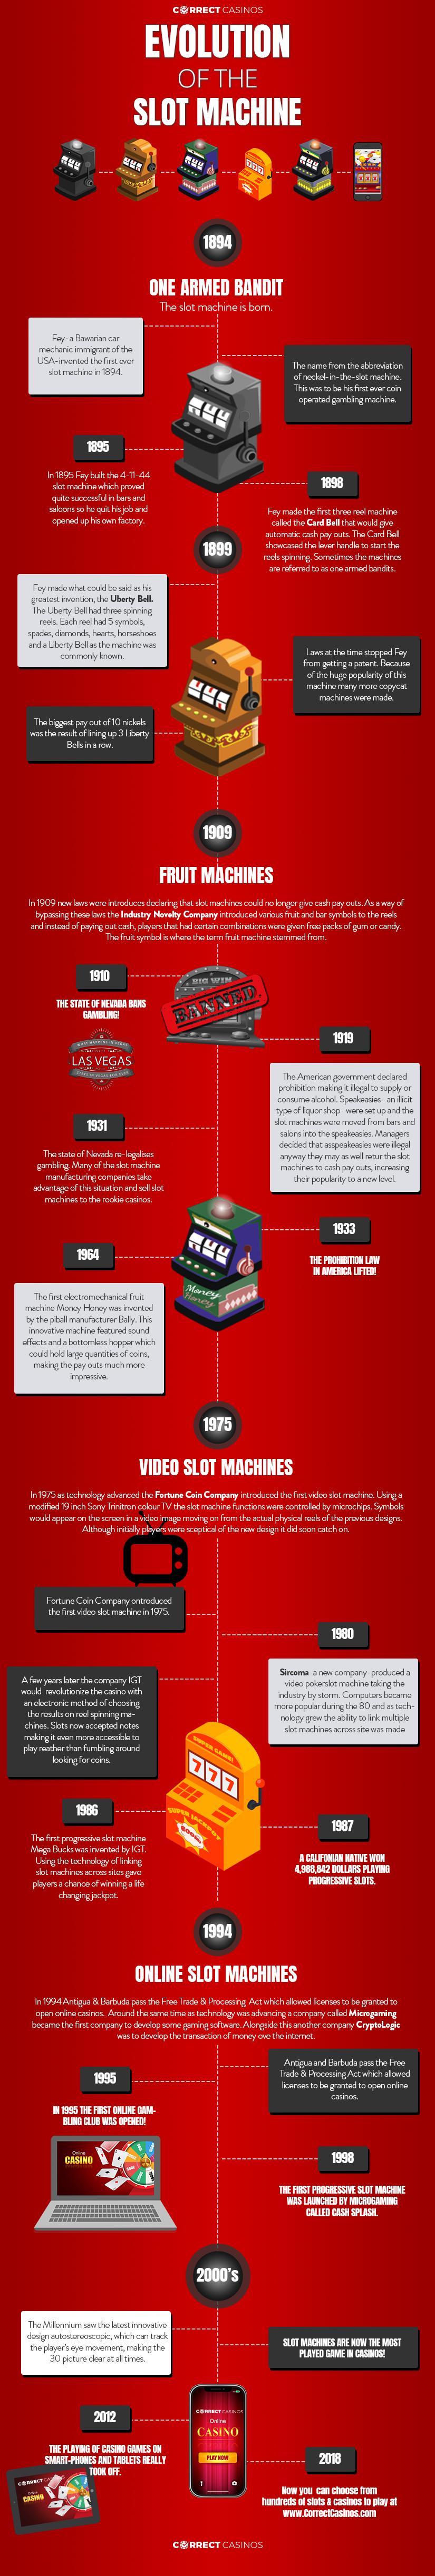 Evolution of the Slot Machine